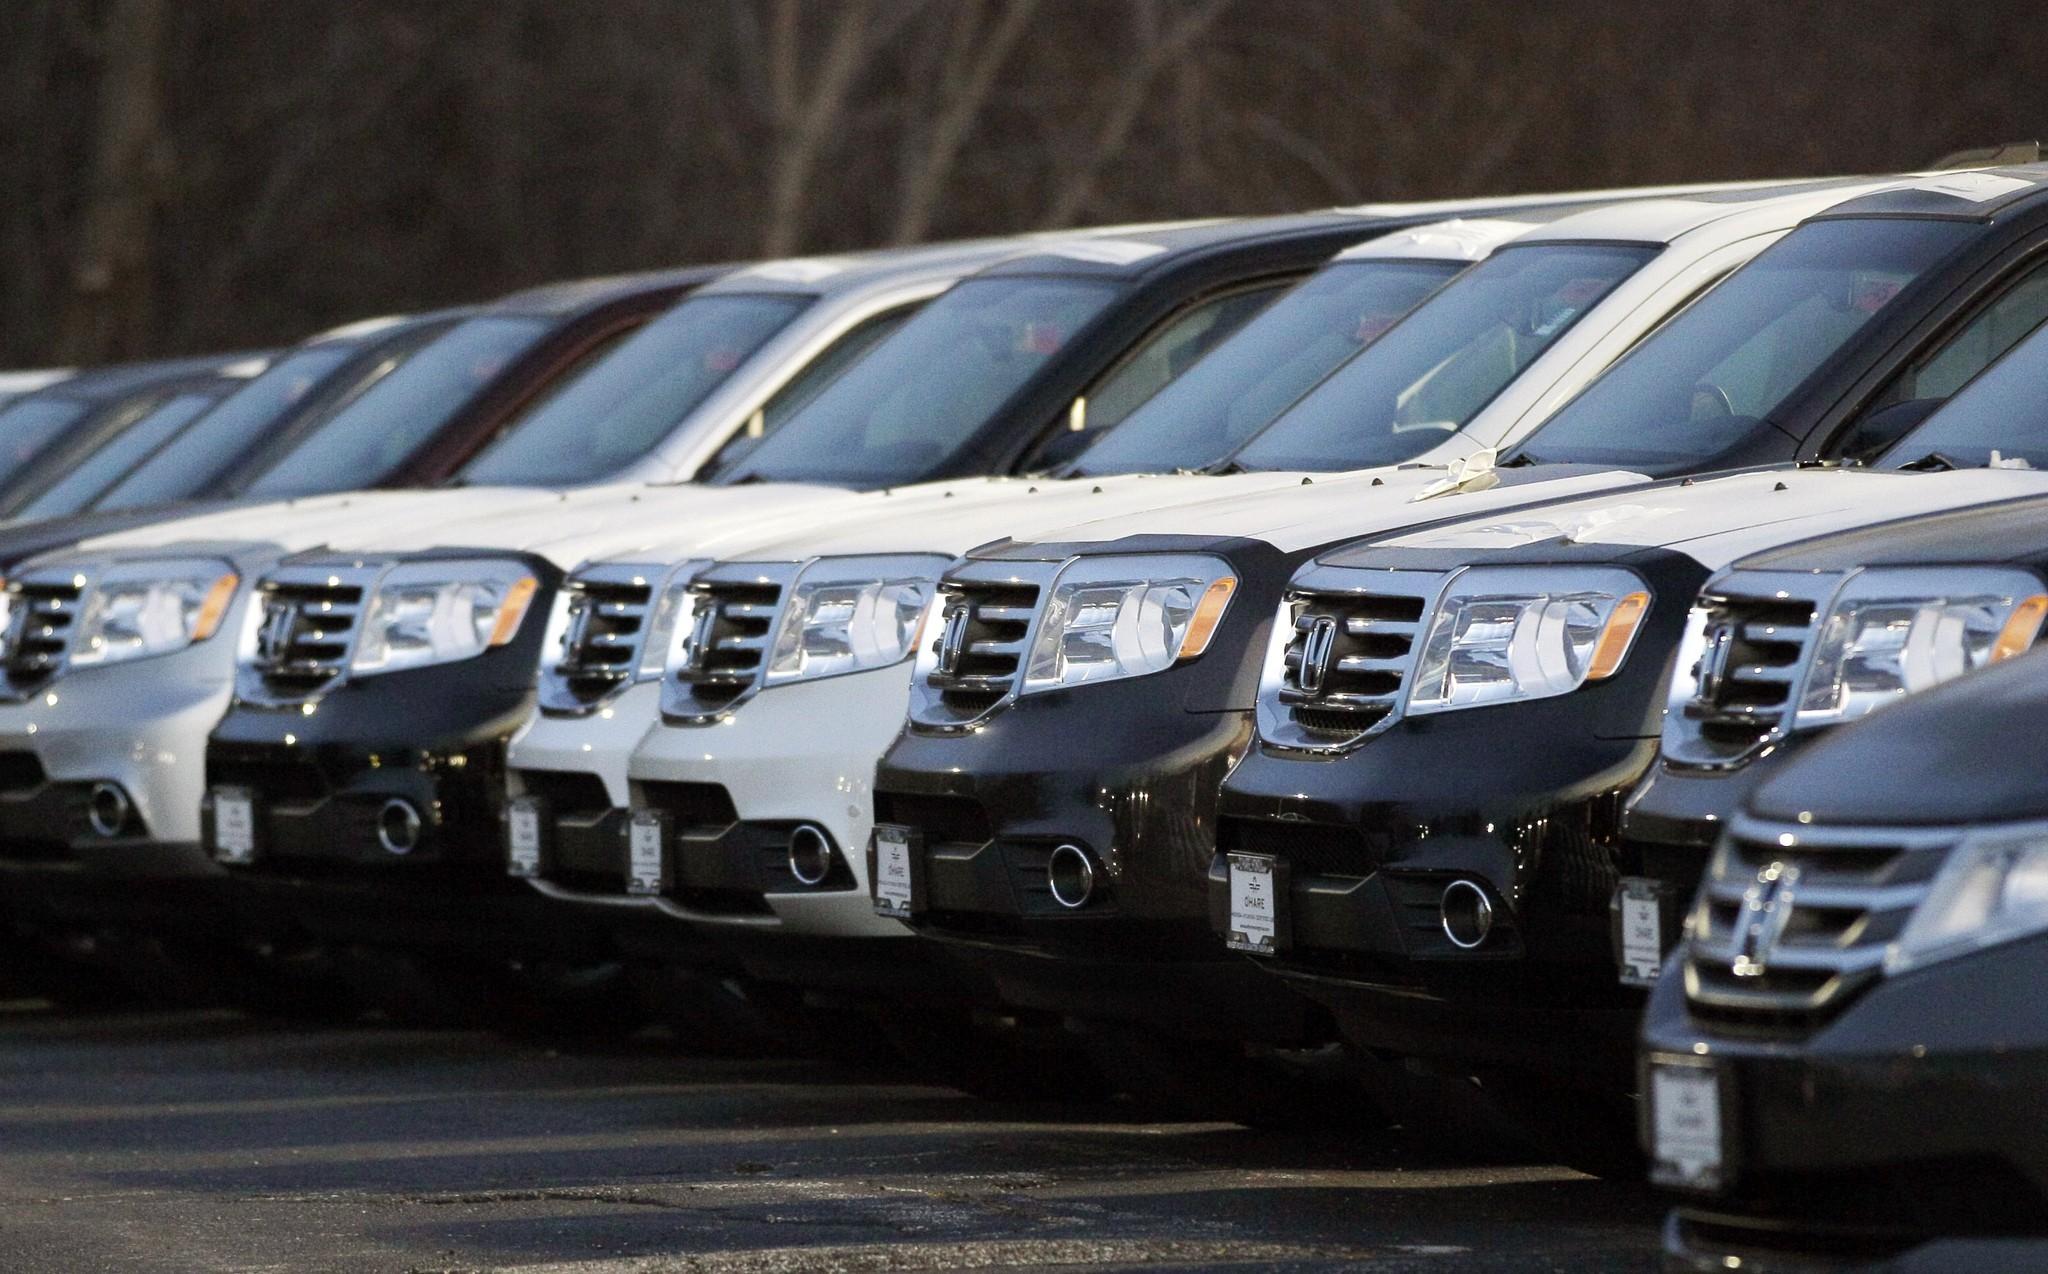 авто фото продажа автомобилей украина